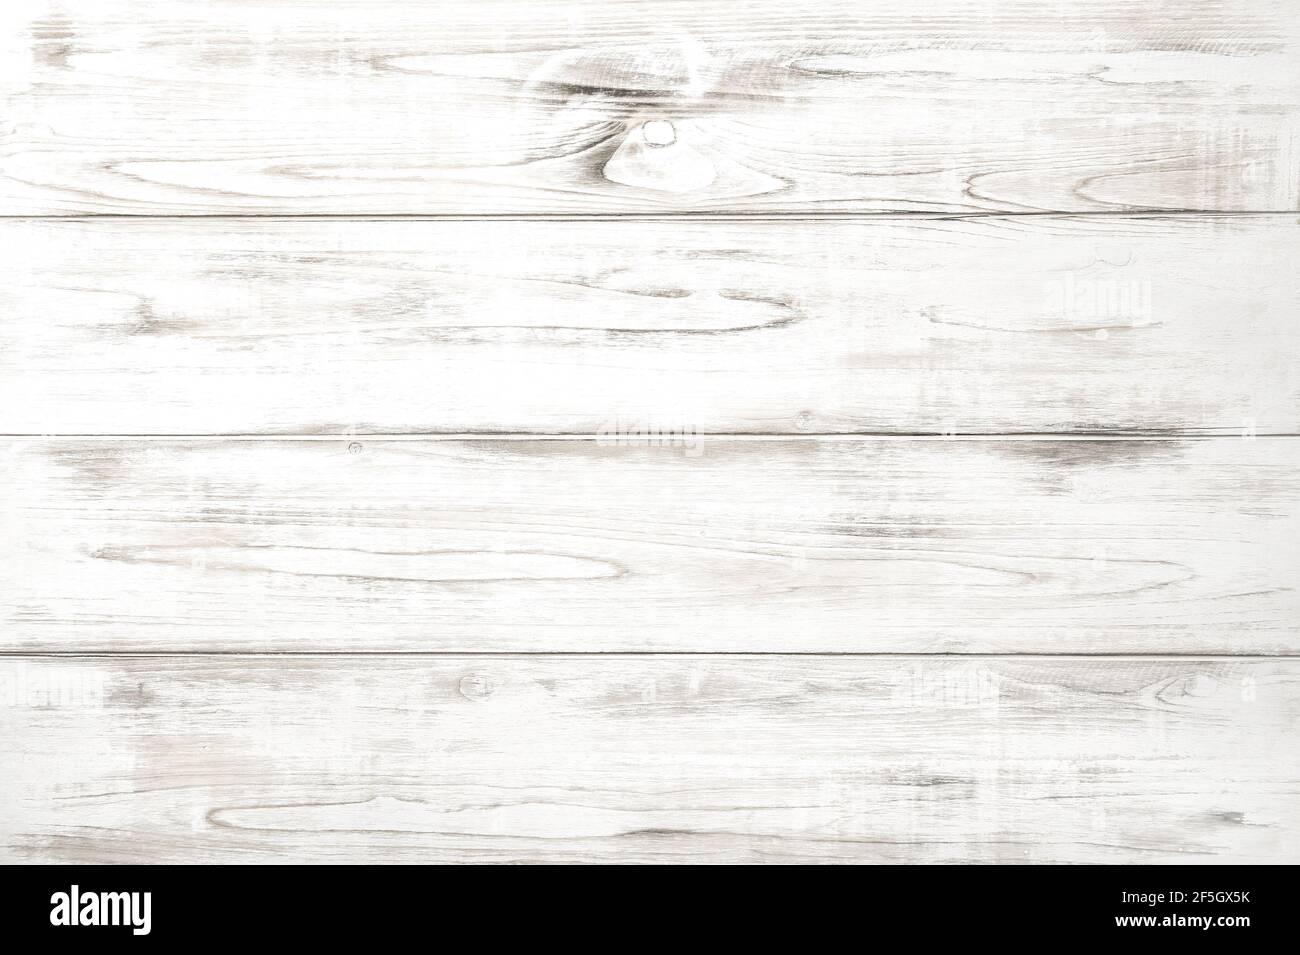 Arrière-plan en bois avec planches blanches. Motif en bois naturel Banque D'Images